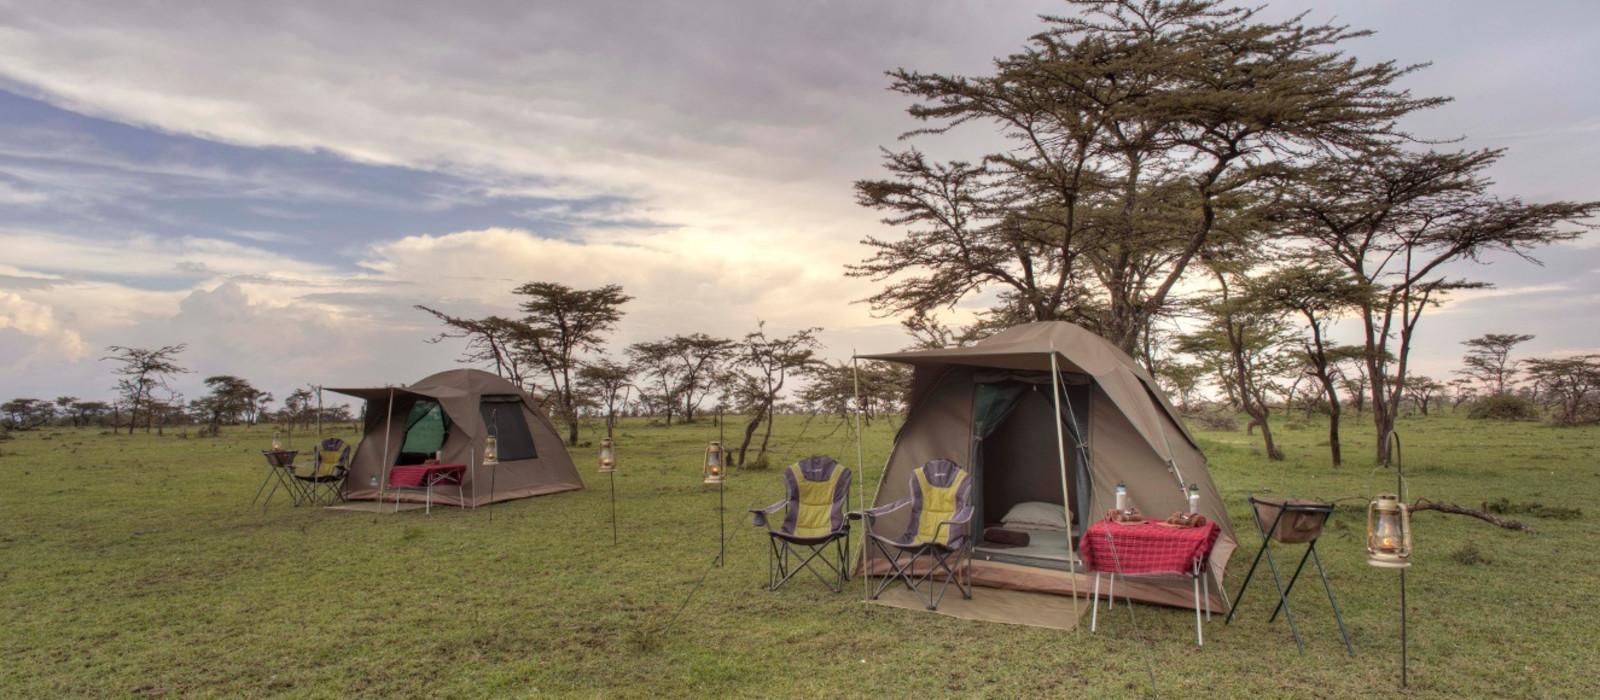 Hotel Fly Camp Kenia